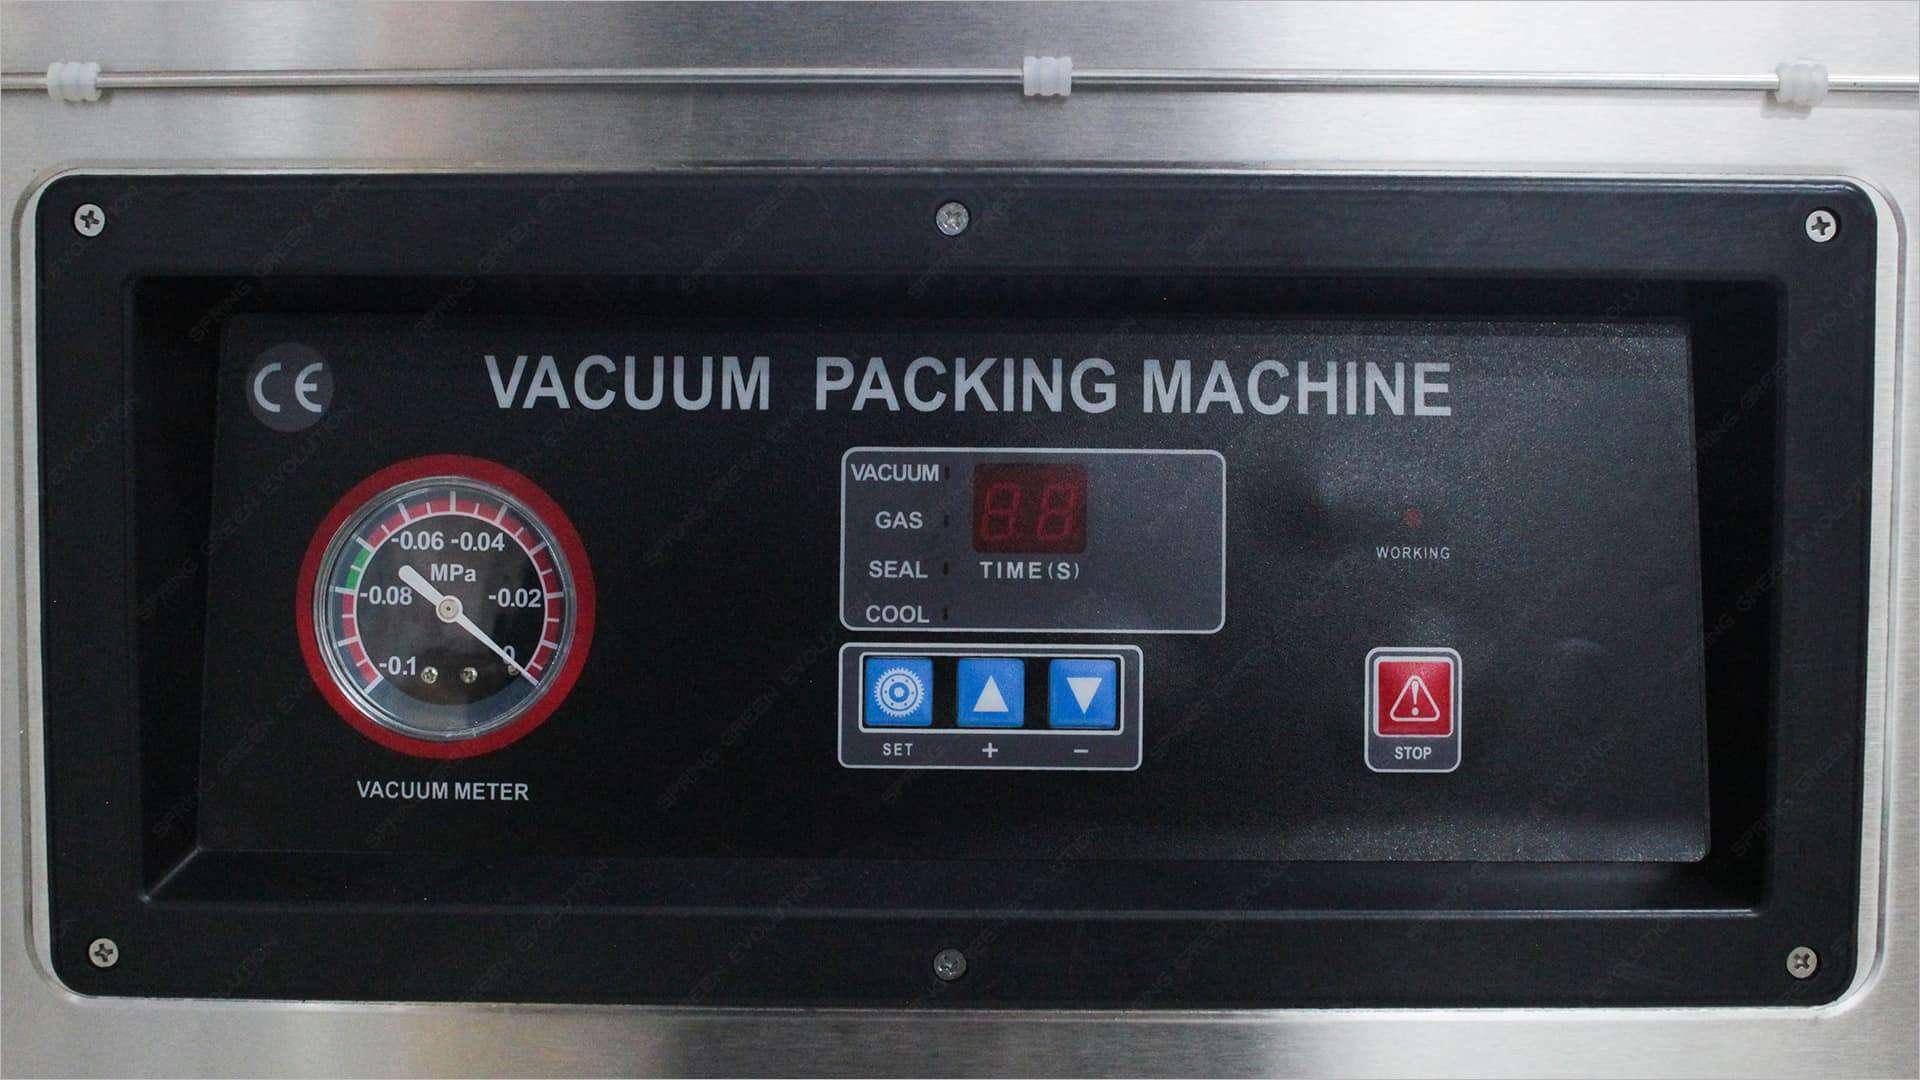 เครื่องซีลสูญญากาศ-vcc03-features-3-1